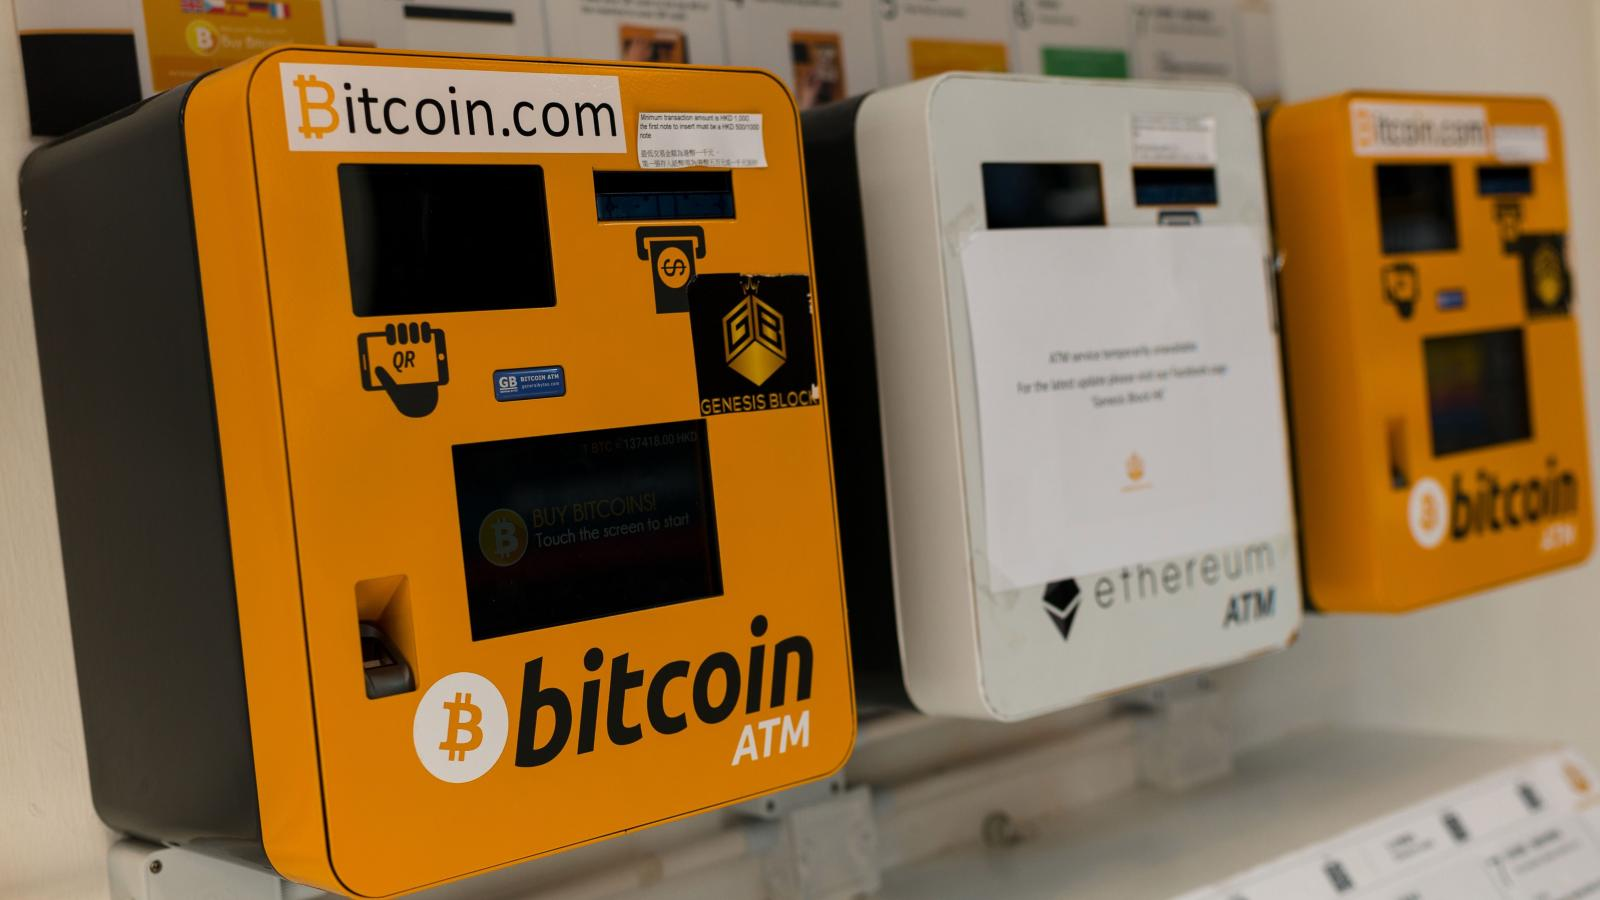 """لمحة تعريفية بالصراف الآلي الخاص بعملة البيتكوين """"Bitcoin ATM"""" وكيفية العثور عليه"""